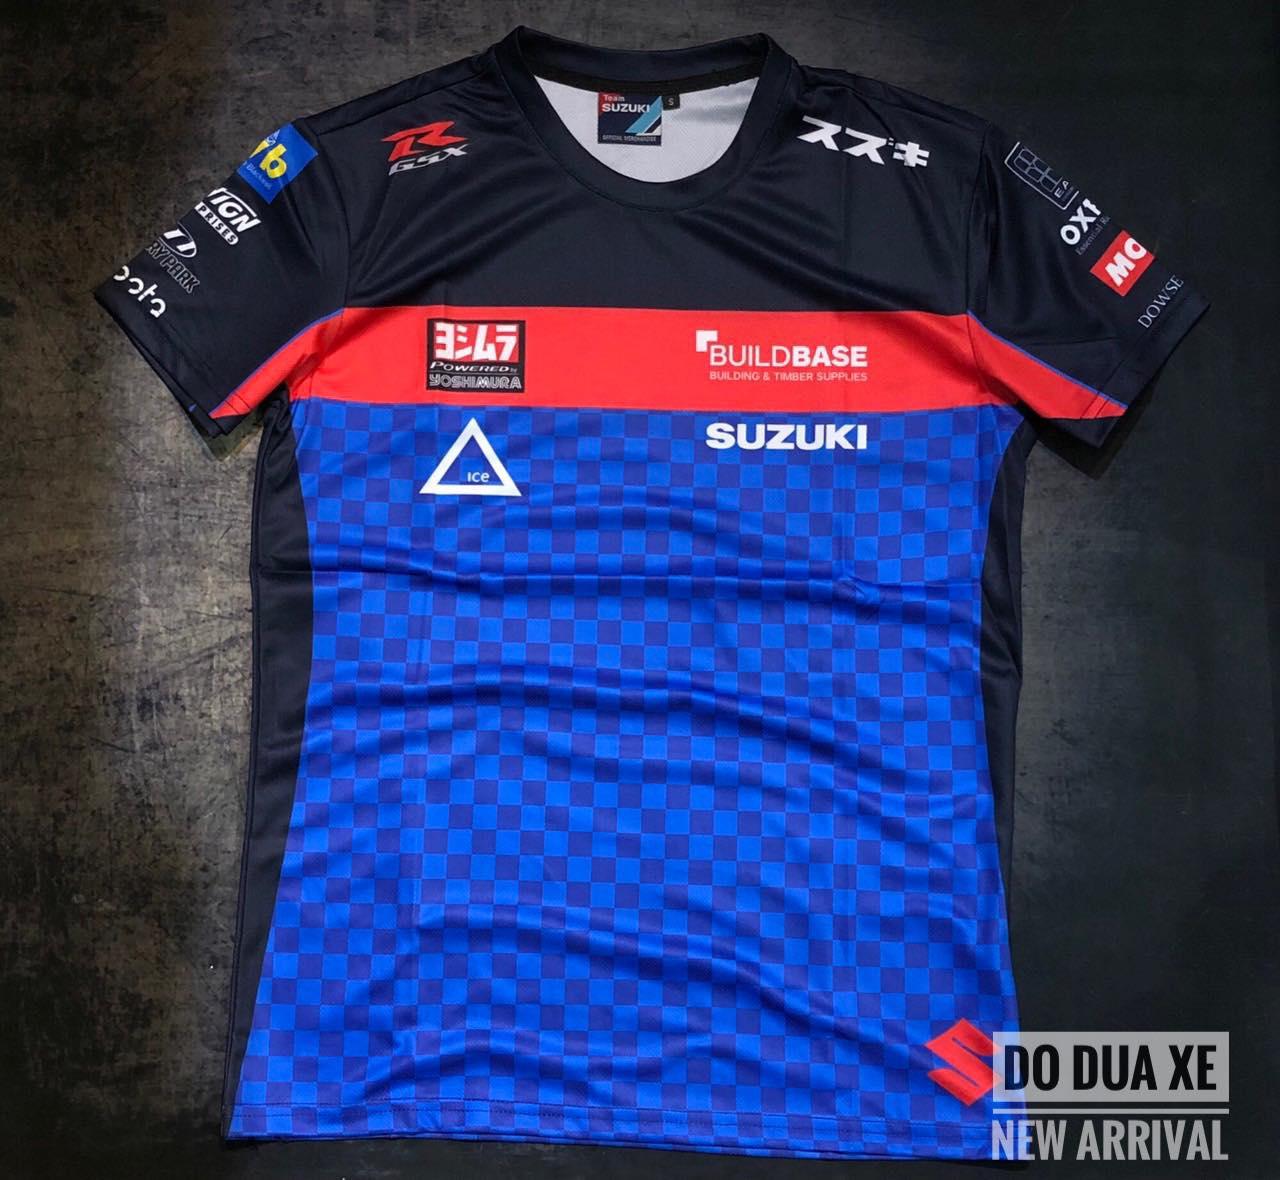 doduaxe.com: Chuyên cung cấp quần áo phụ kiện đua xe - 35